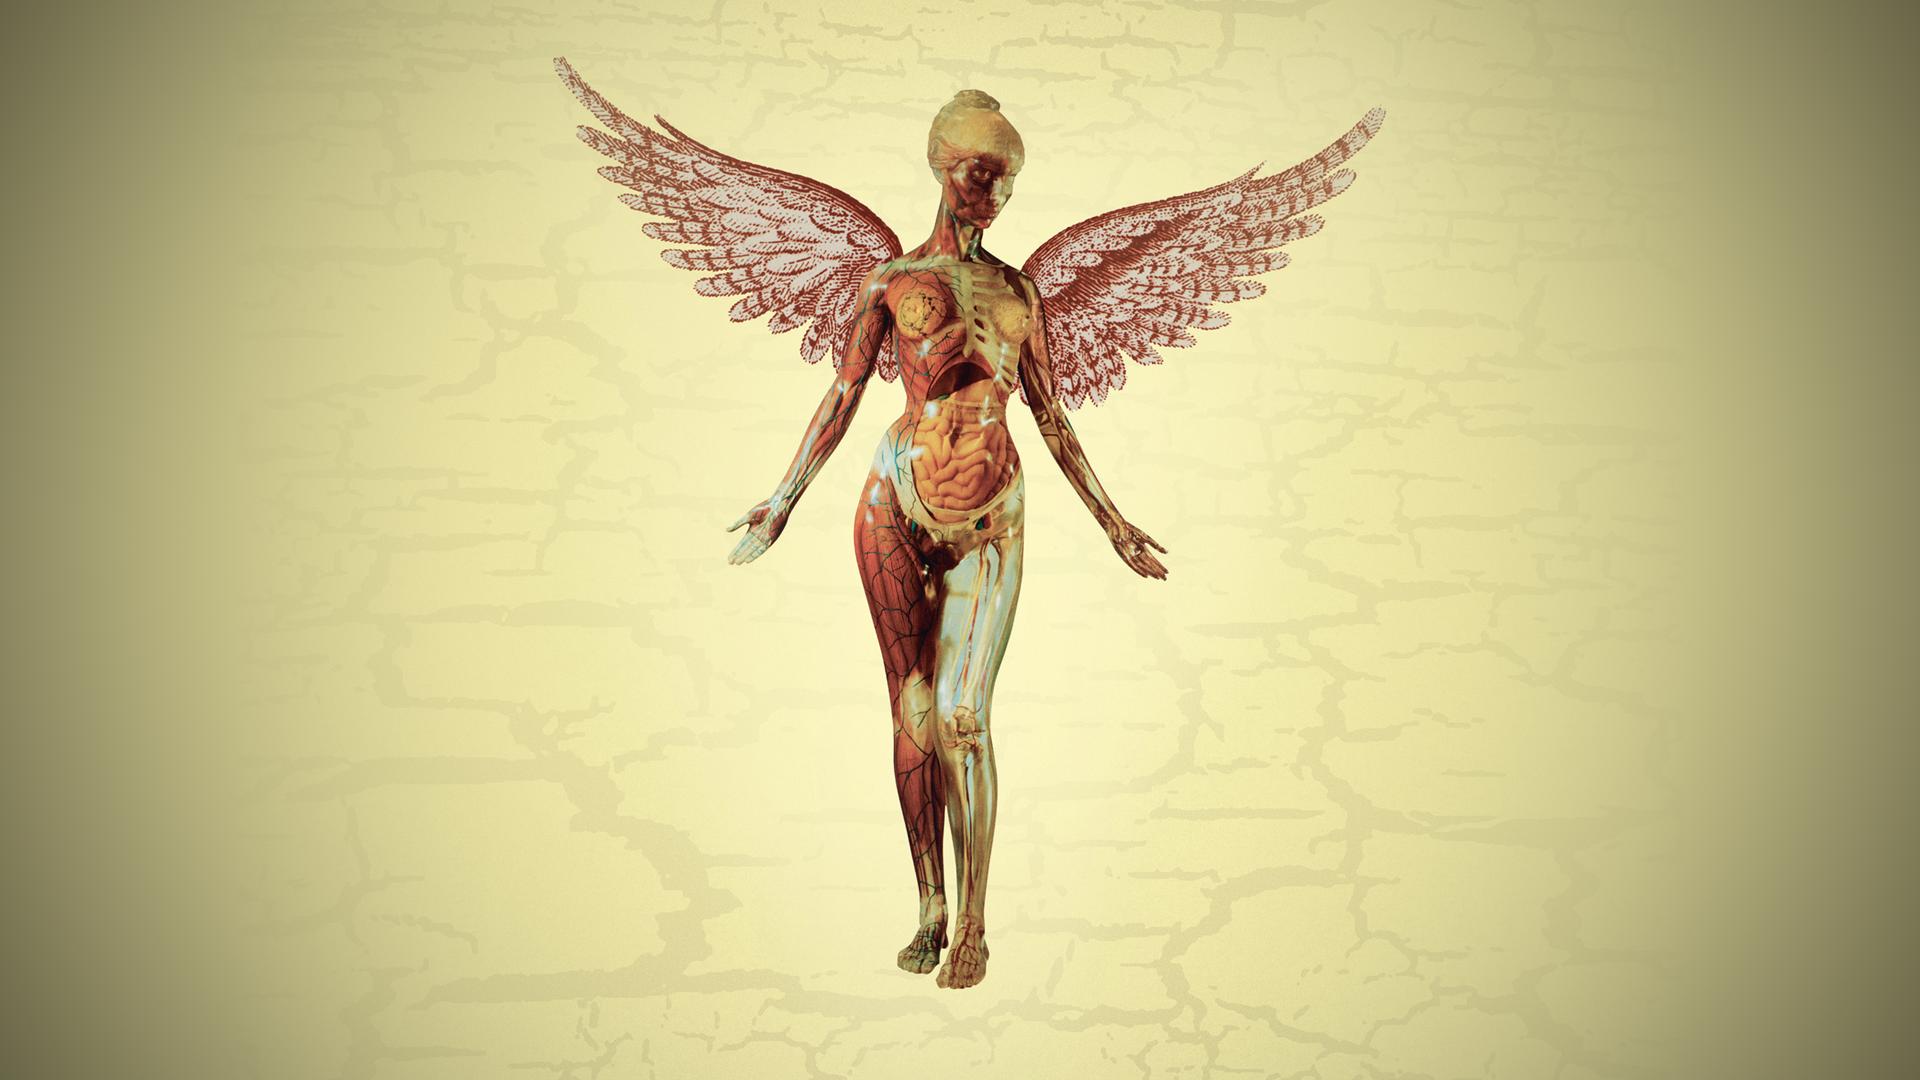 Hintergrundbilder : Nirwana, Album-Cover, Anatomie, Flügel ...